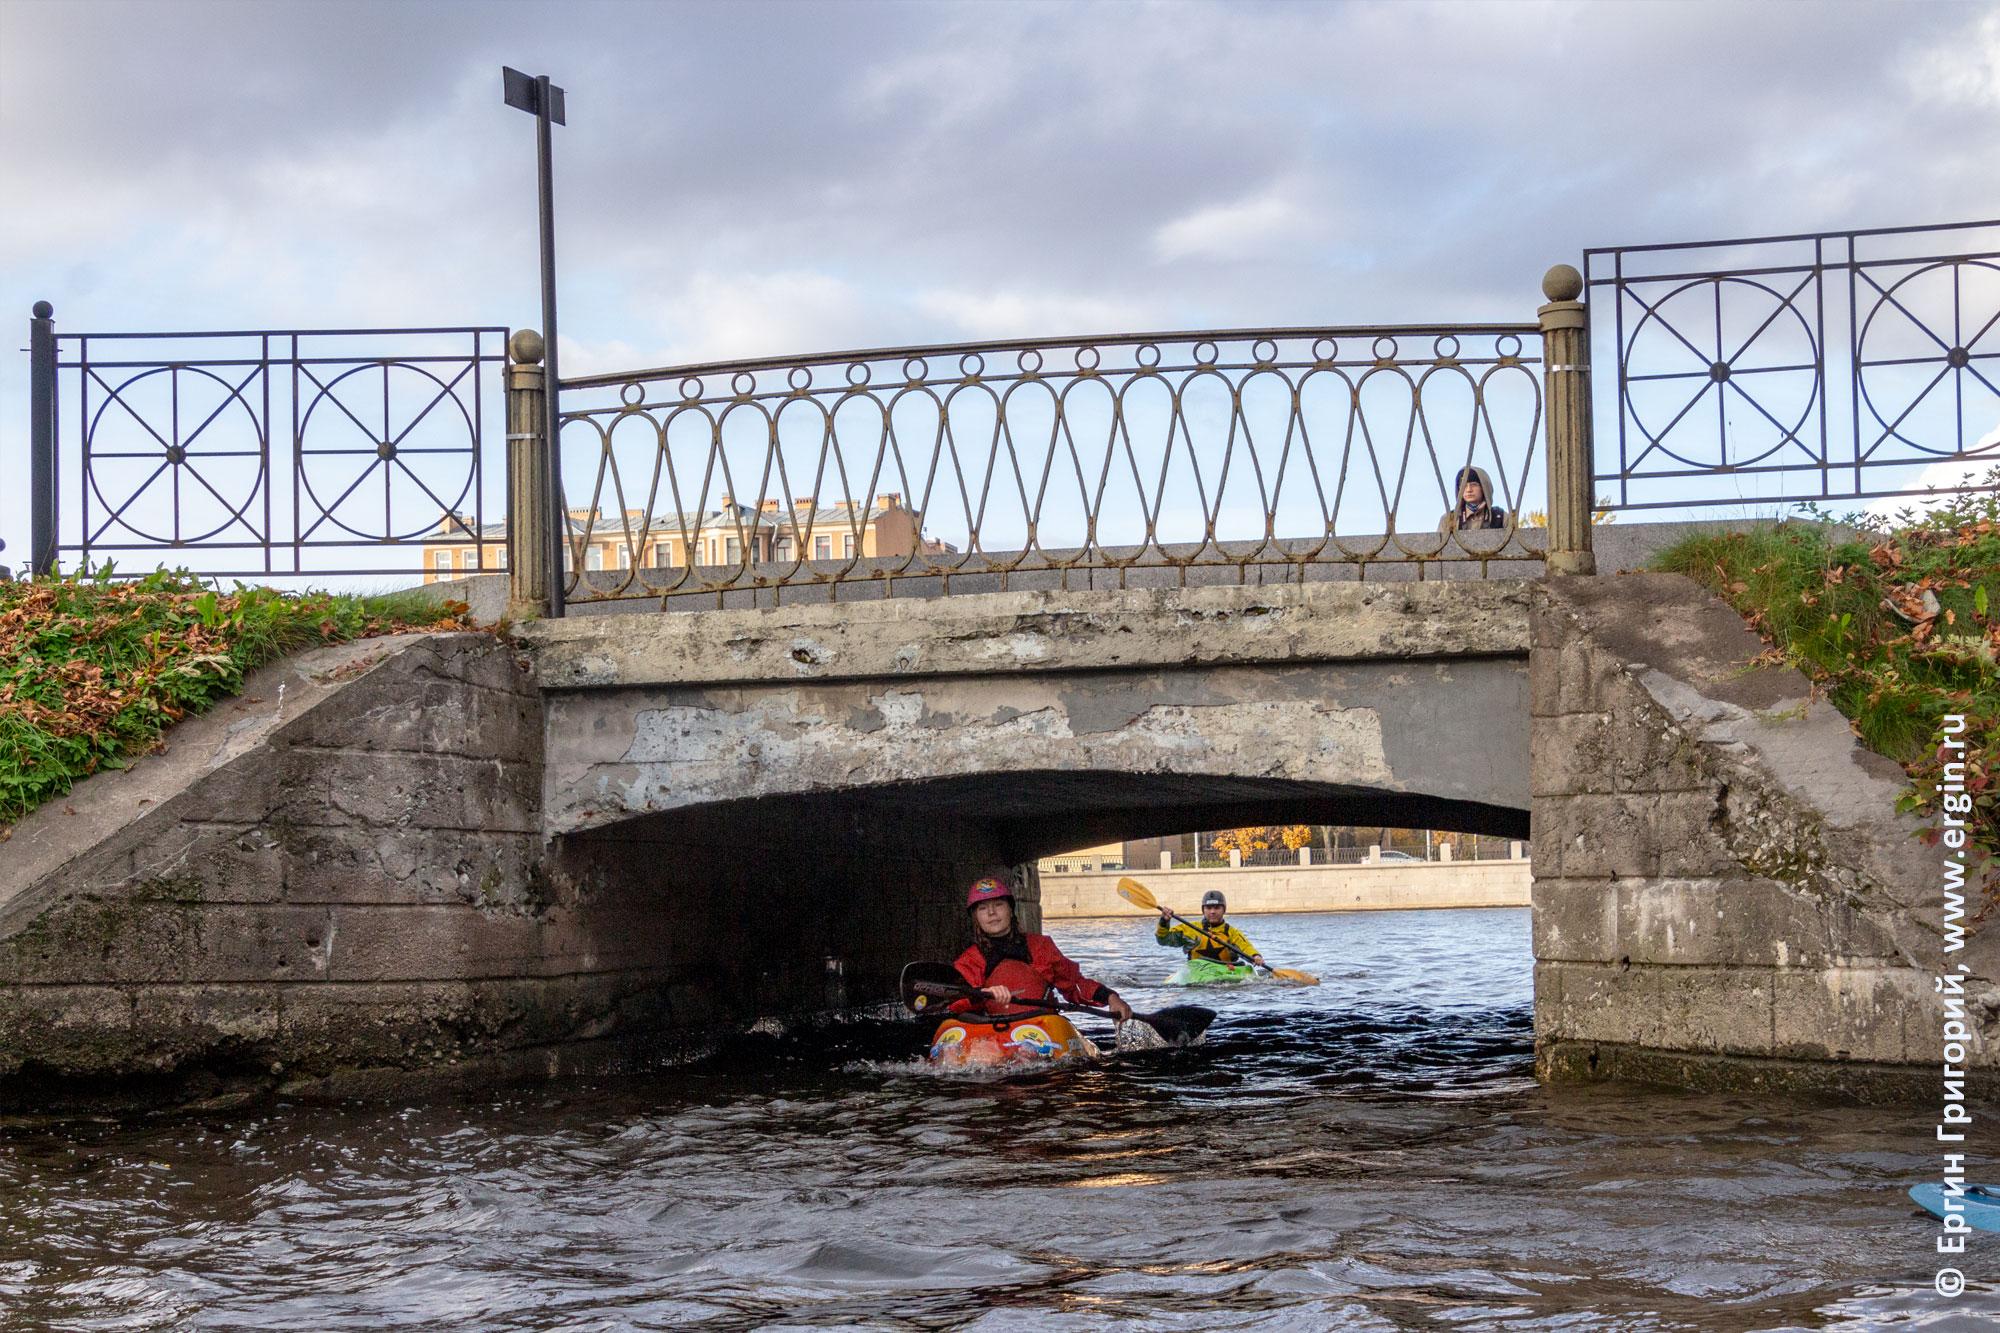 Под Каменноостровским мостом проходят каякеры в СПб